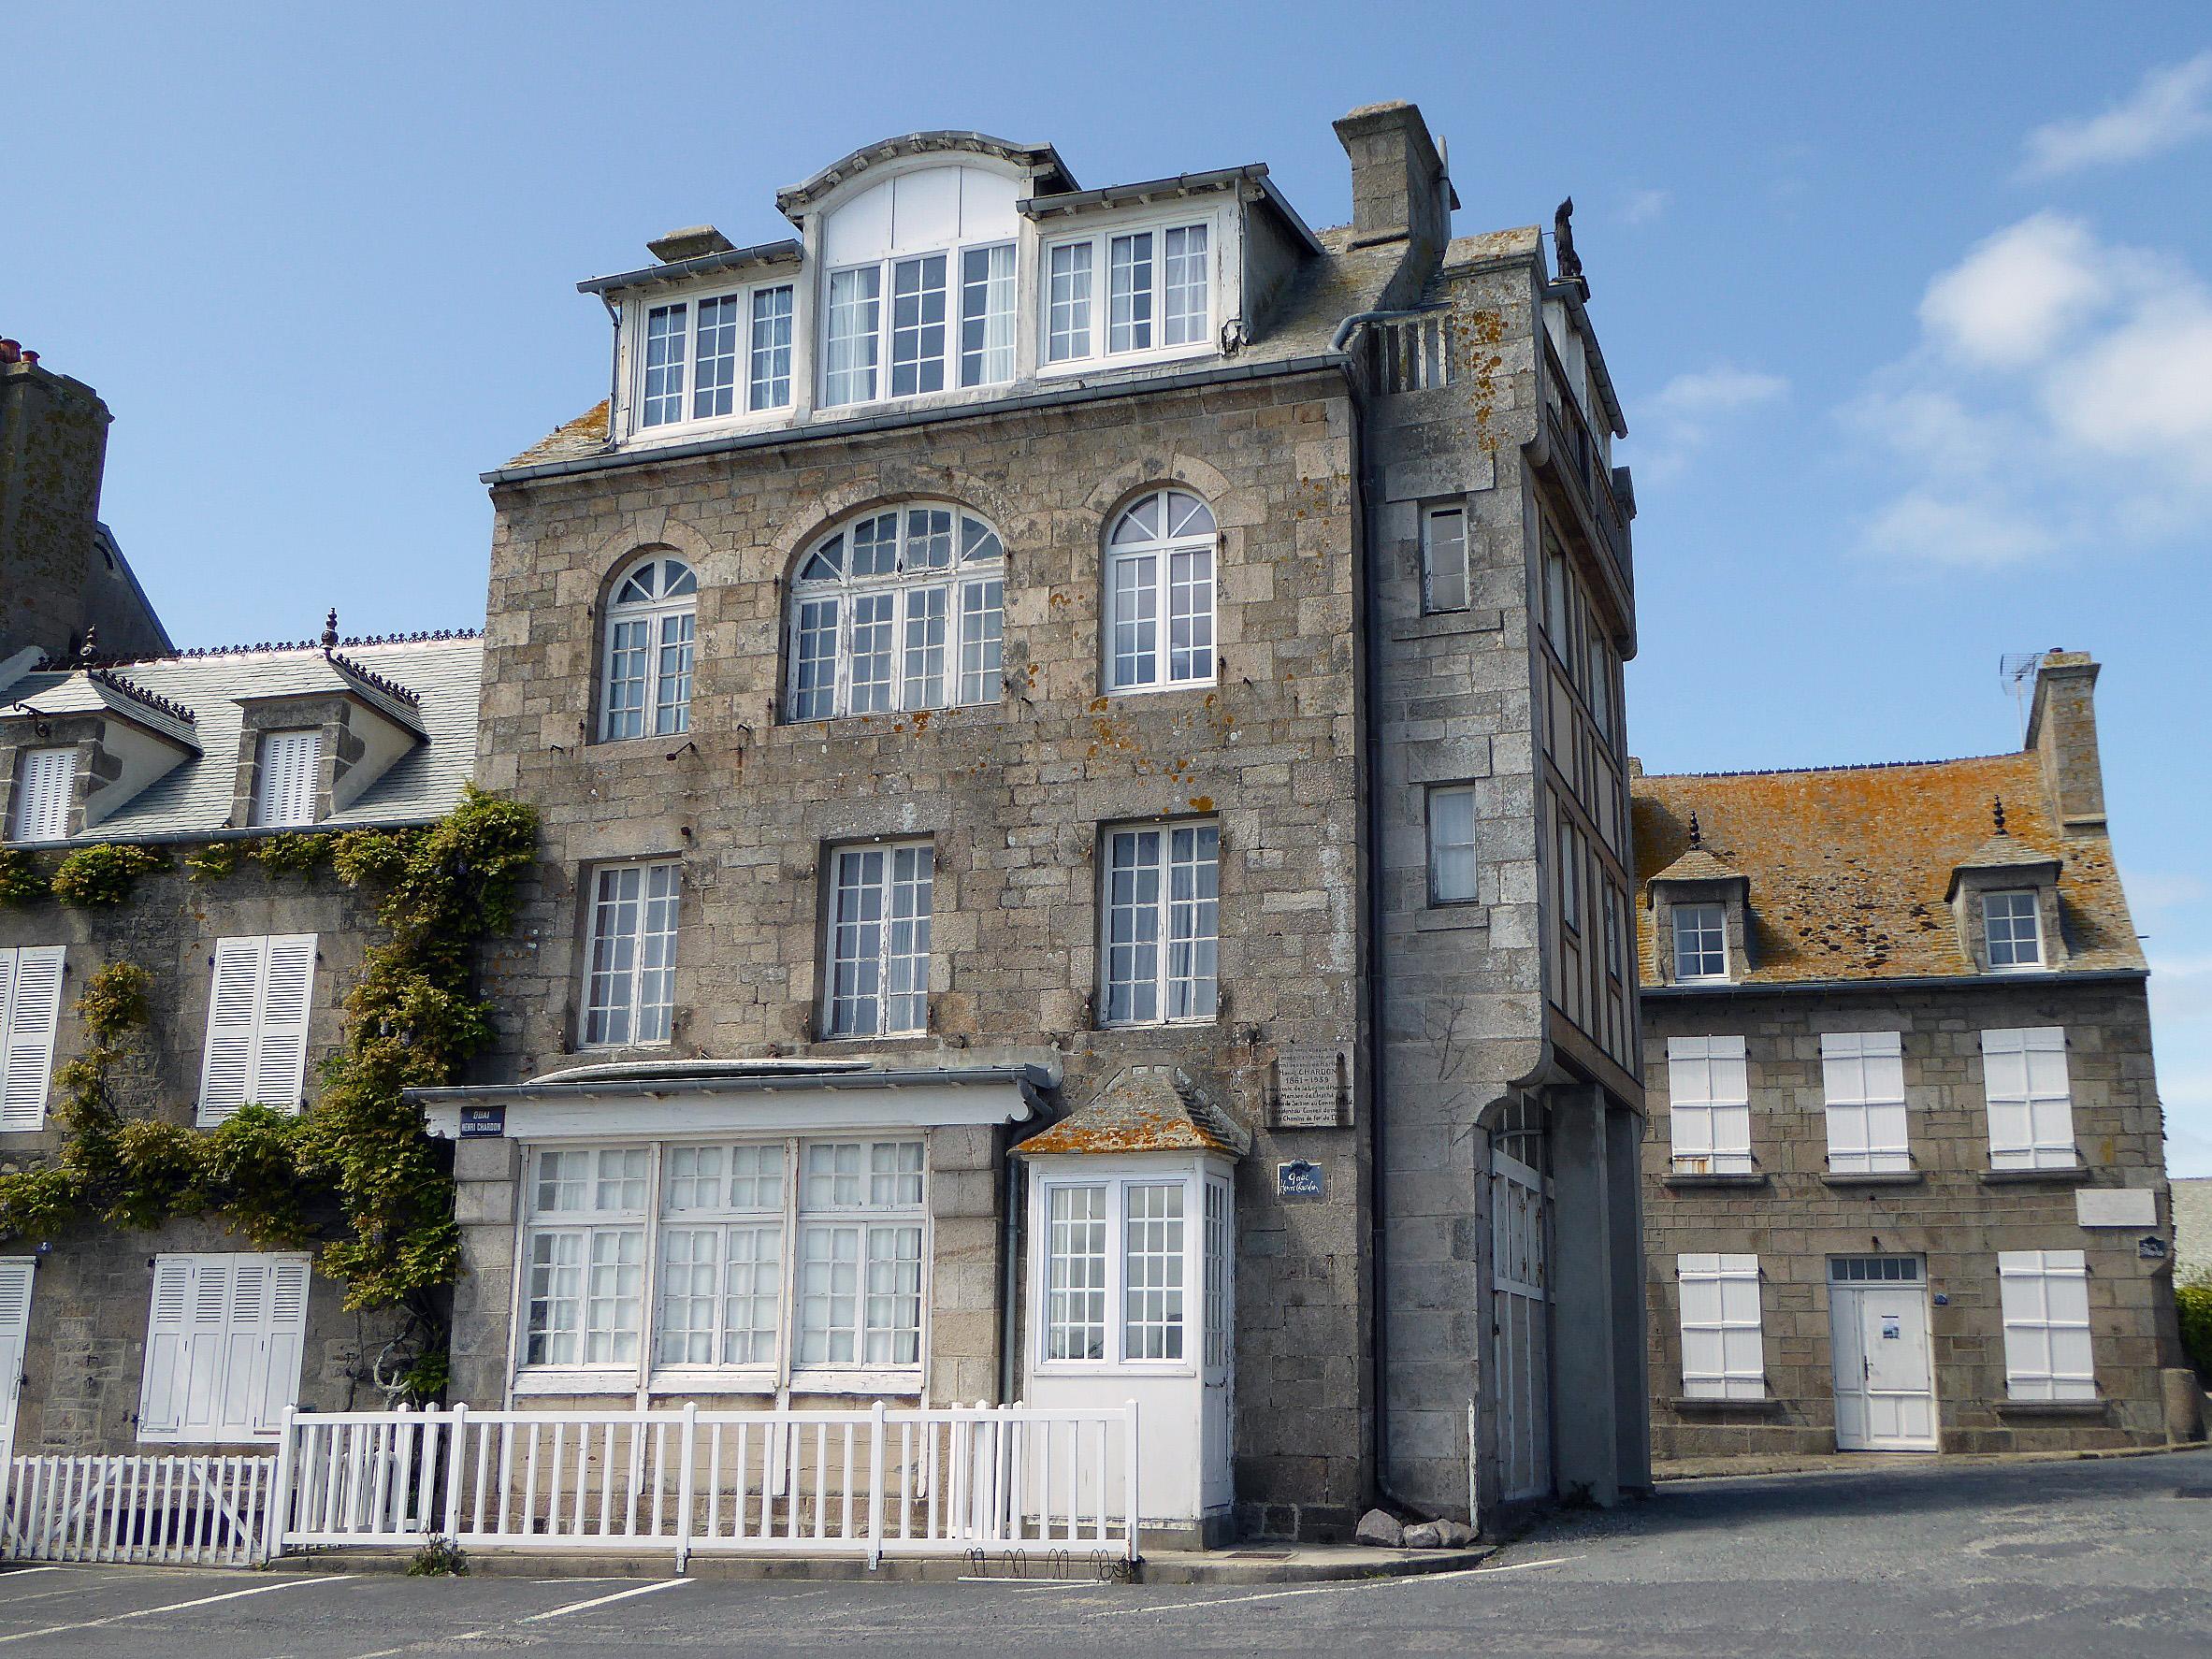 Photo barfleur 50760 belles maisons du centre l 39 arri re plan la maison du peintre - La maison du peintre ...